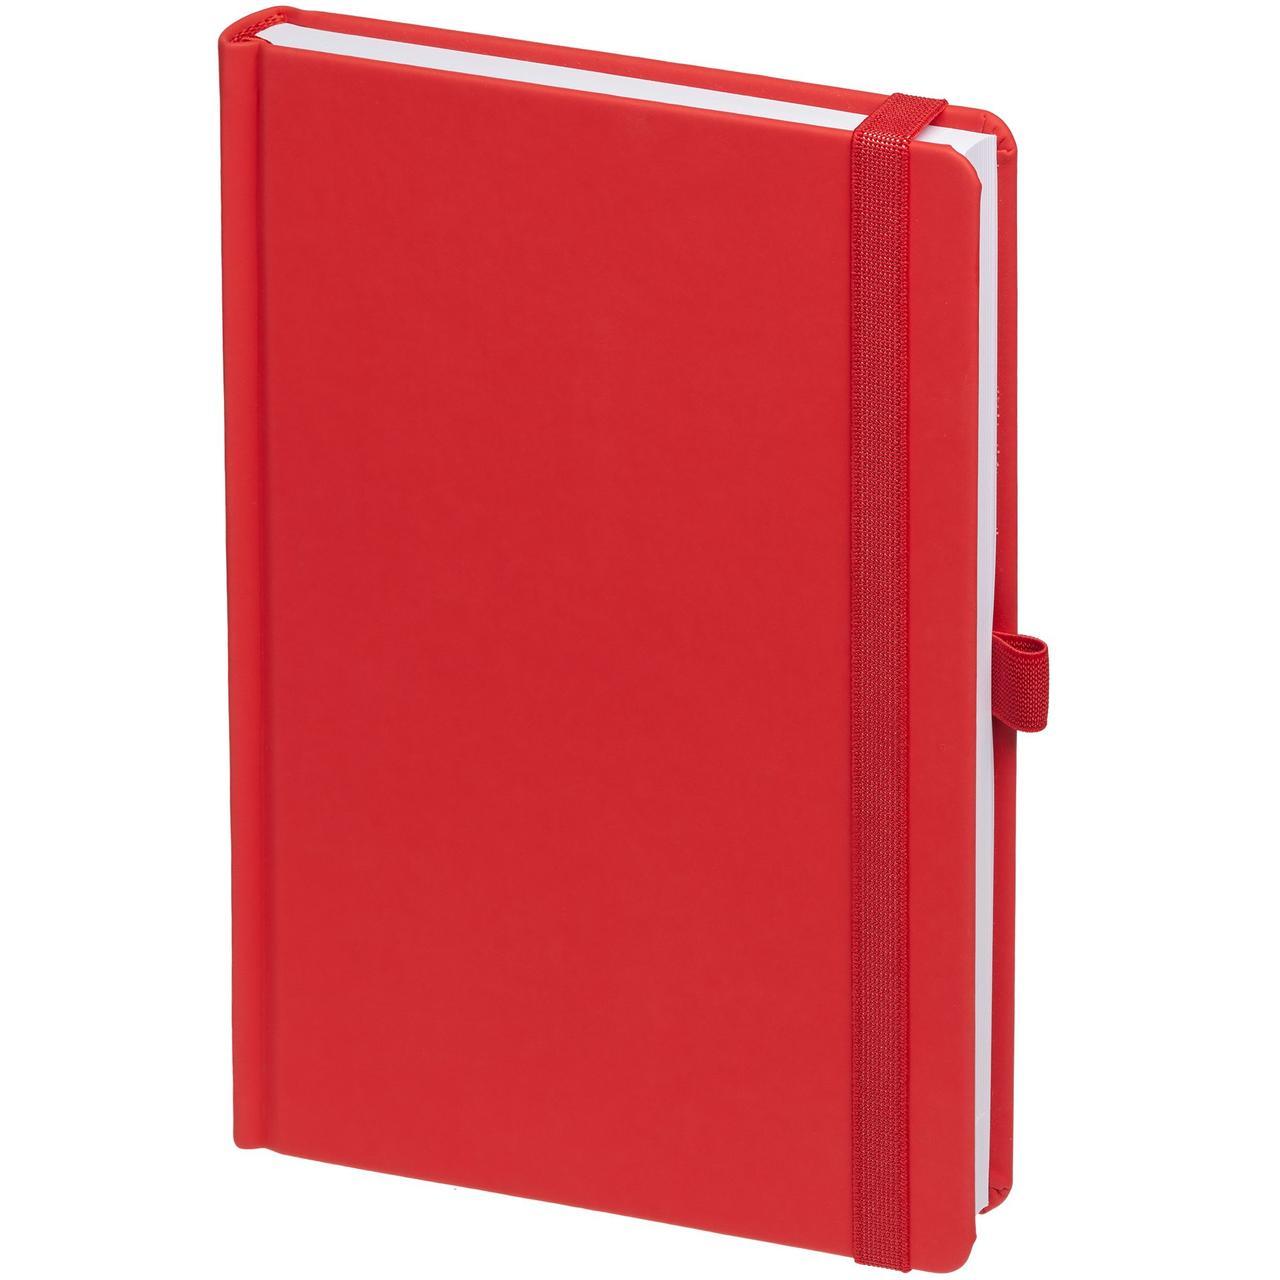 Ежедневник Favor, недатированный, красный (артикул 17072.50)